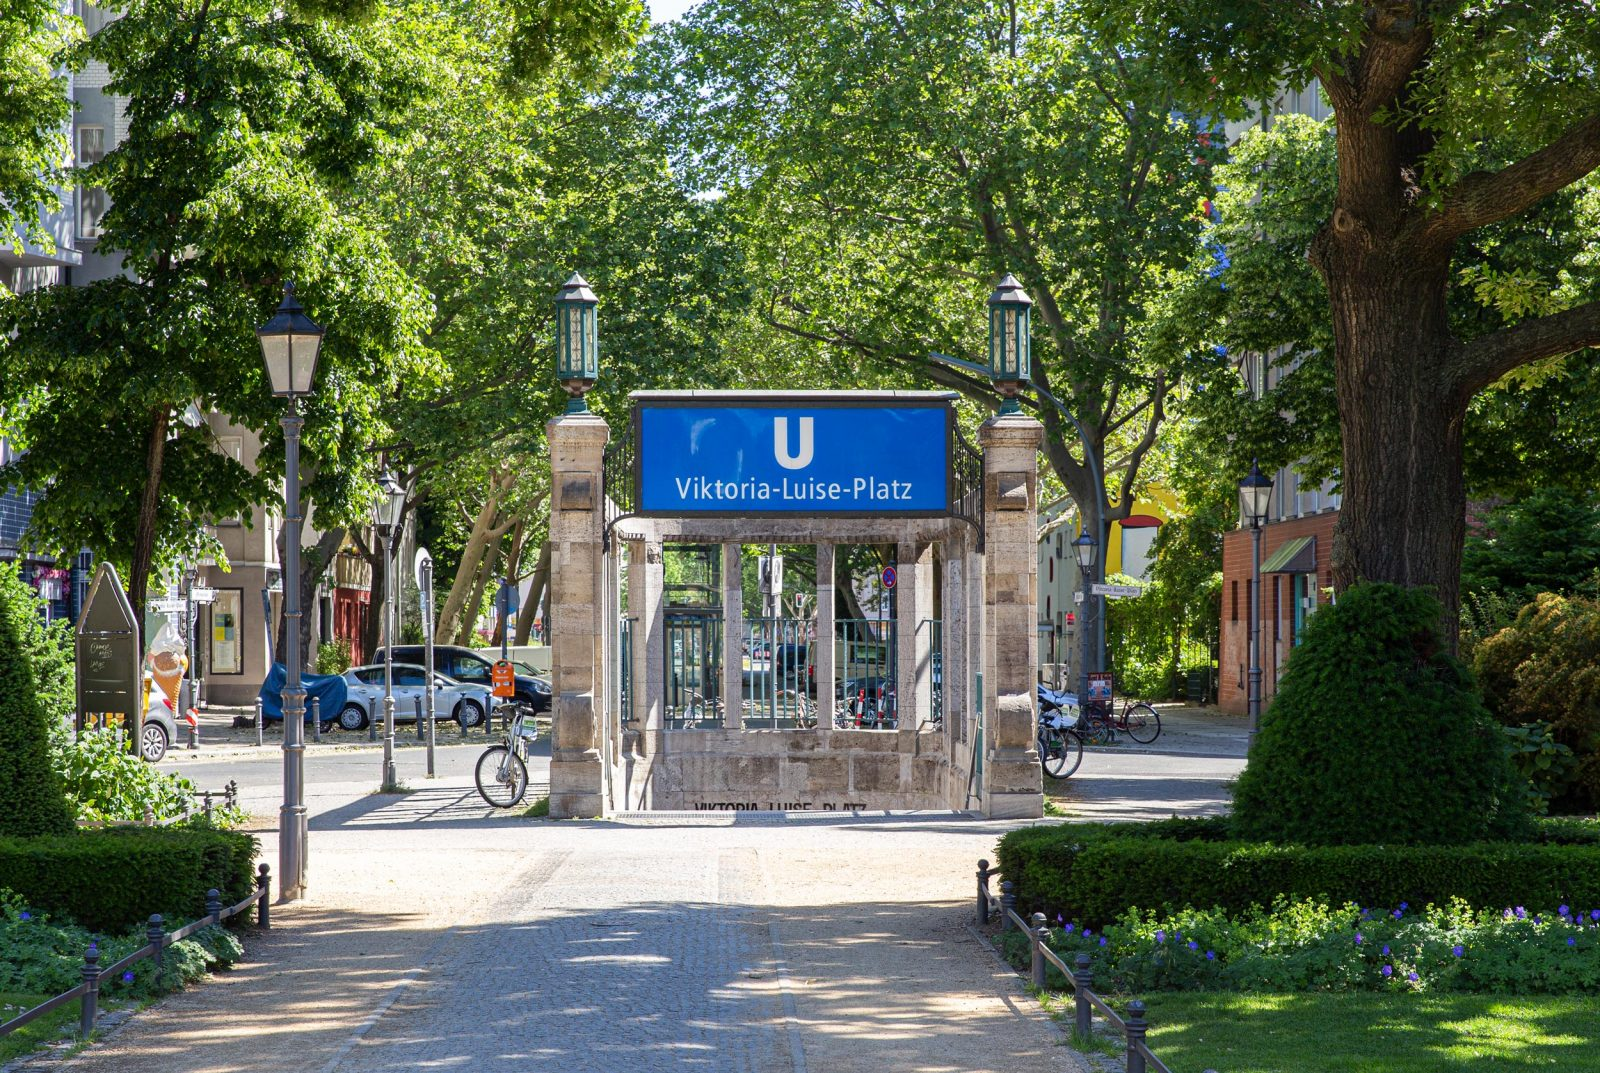 Kiez-Zentrum und Treffpunkt mit Parkcharakter: Der Viktoria-Luise-Platz